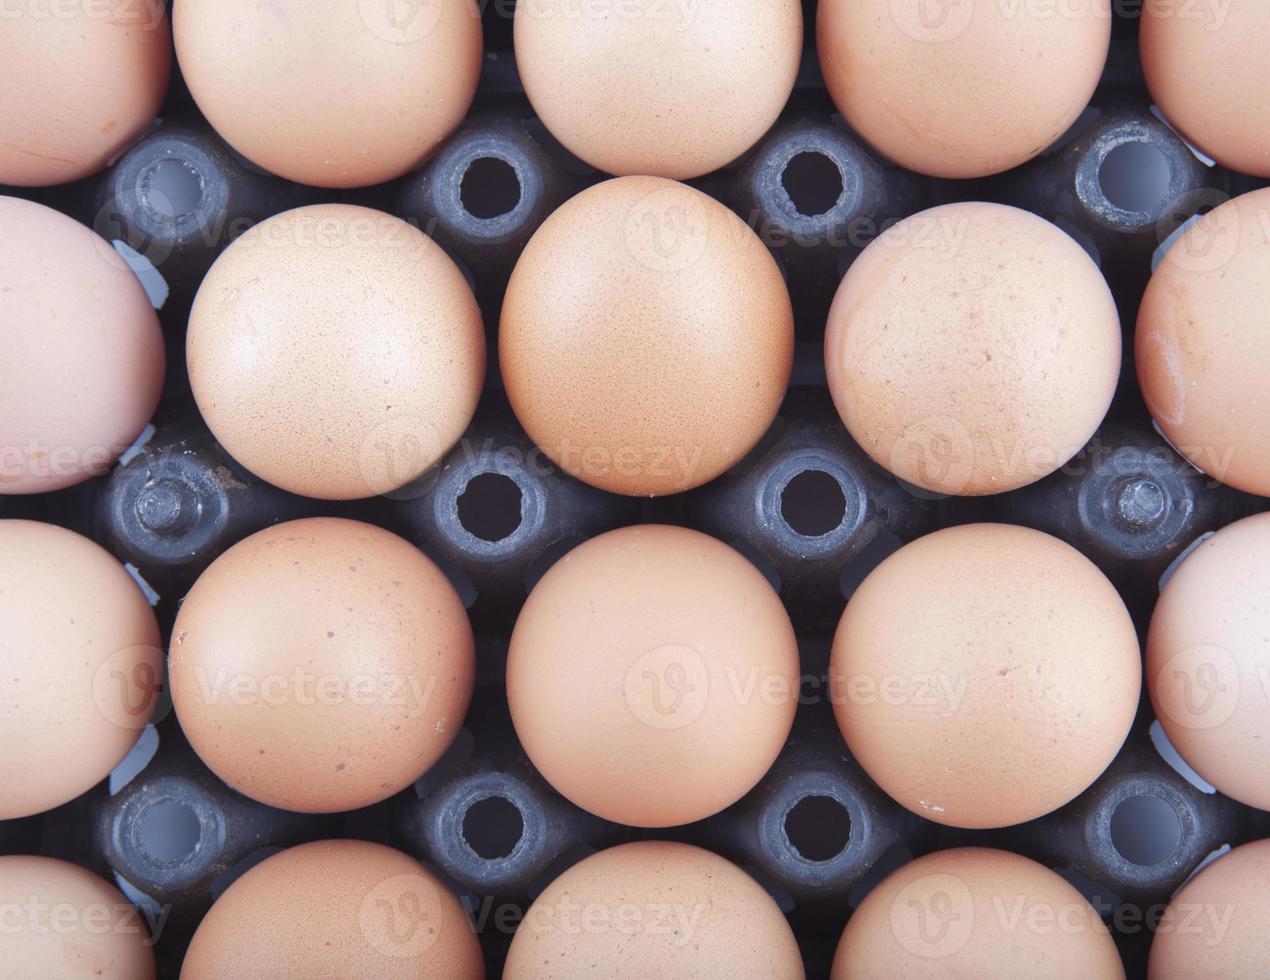 pannello delle uova foto